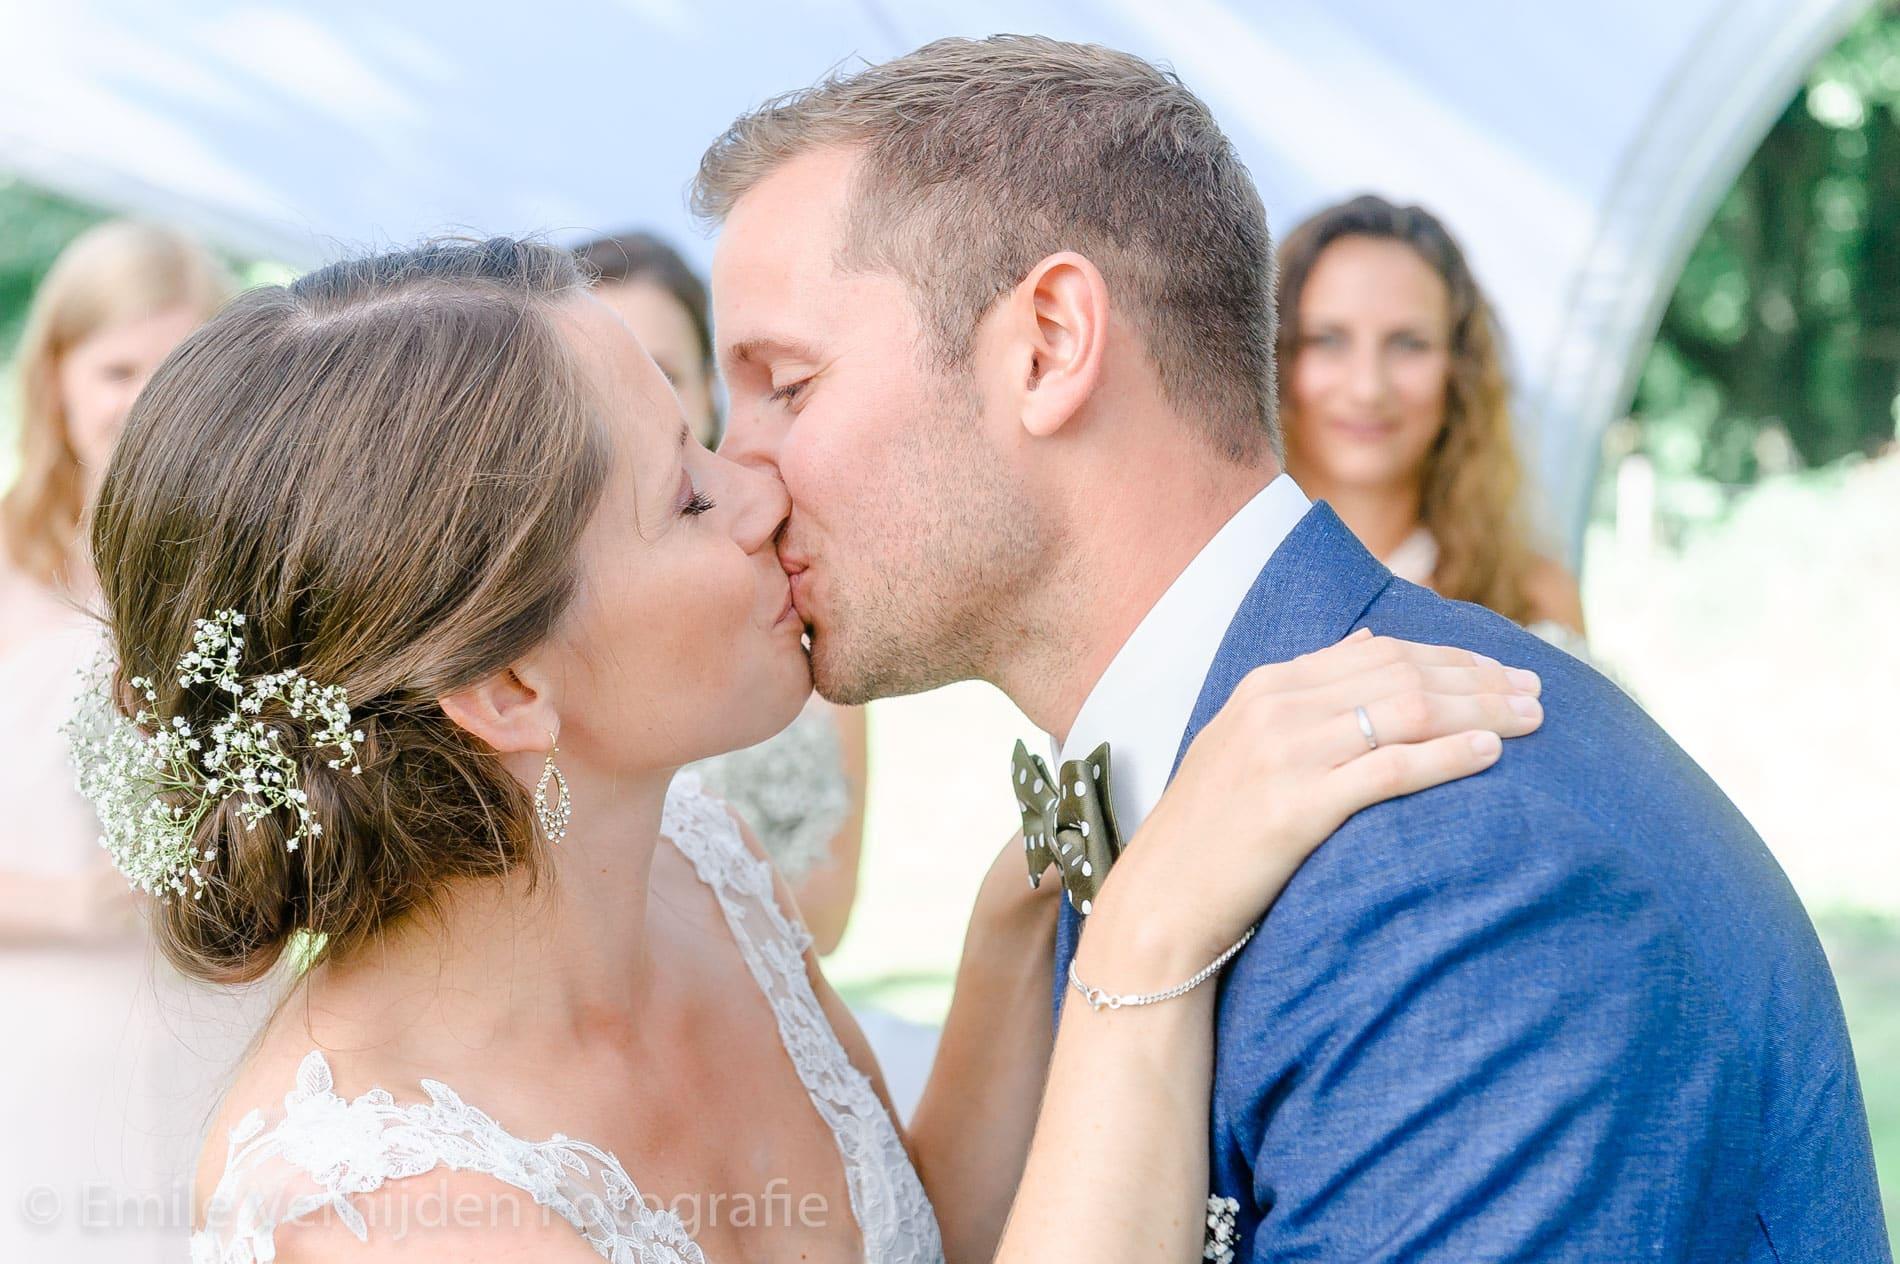 De kus tijdens de ceremonie- Bruidsfotografie Winselerhof Landgraaf - Kerkrade